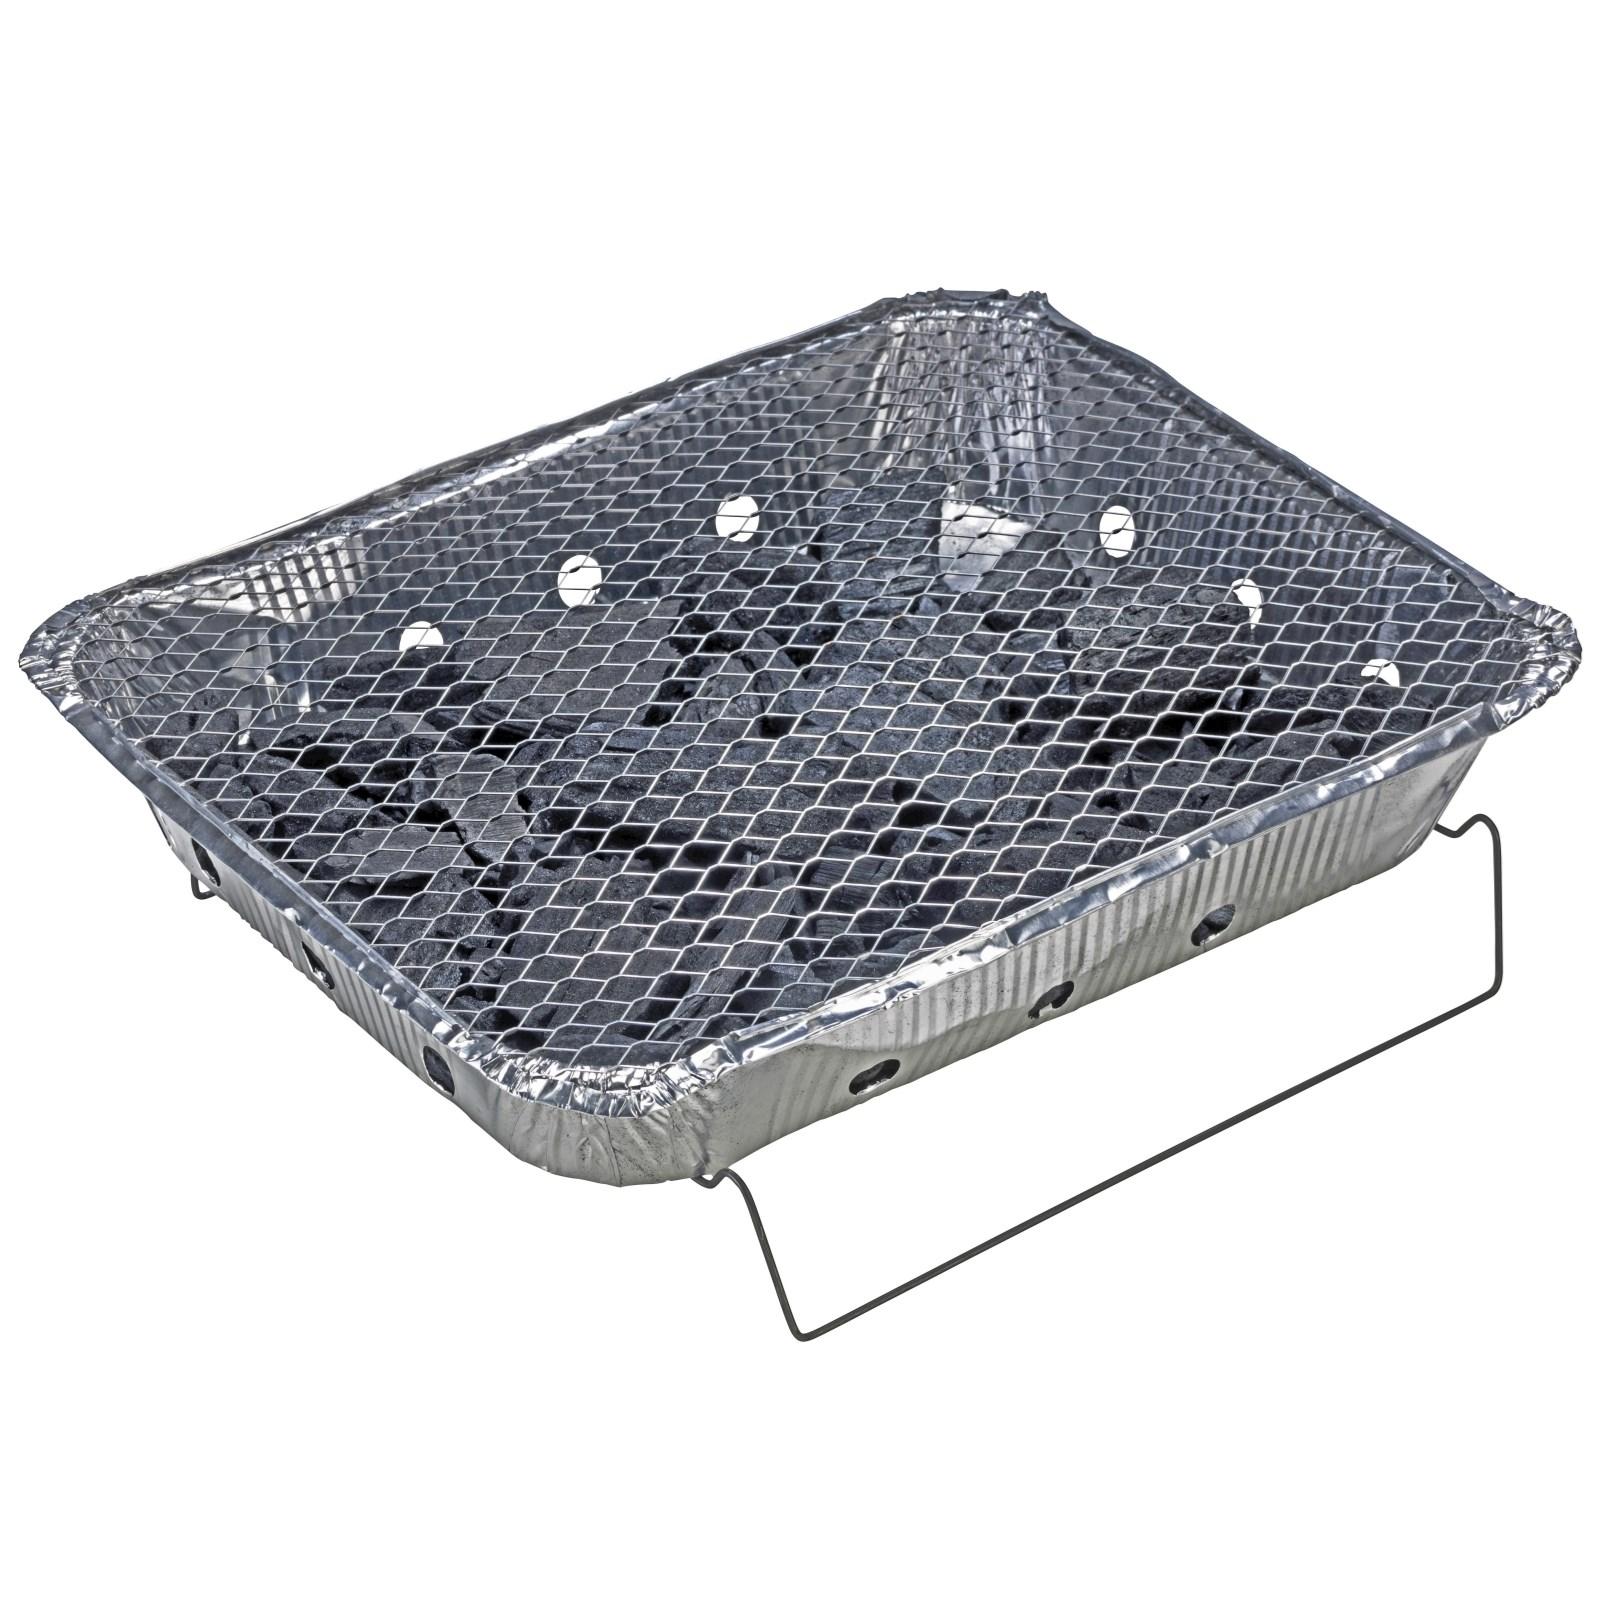 einweggrill grill club 31 × 25 cm - holzkohlegrill - landi